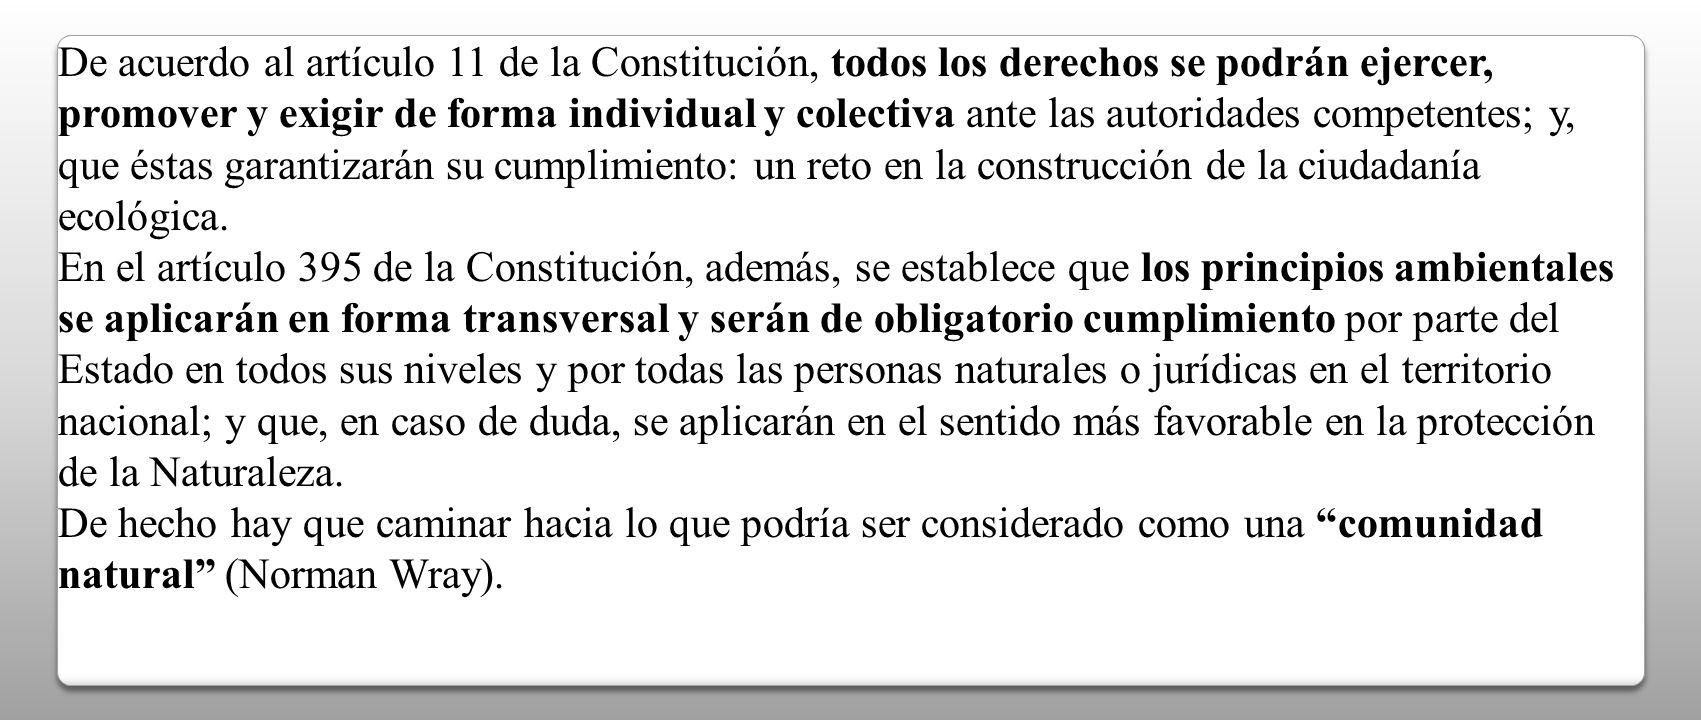 De acuerdo al artículo 11 de la Constitución, todos los derechos se podrán ejercer, promover y exigir de forma individual y colectiva ante las autorid